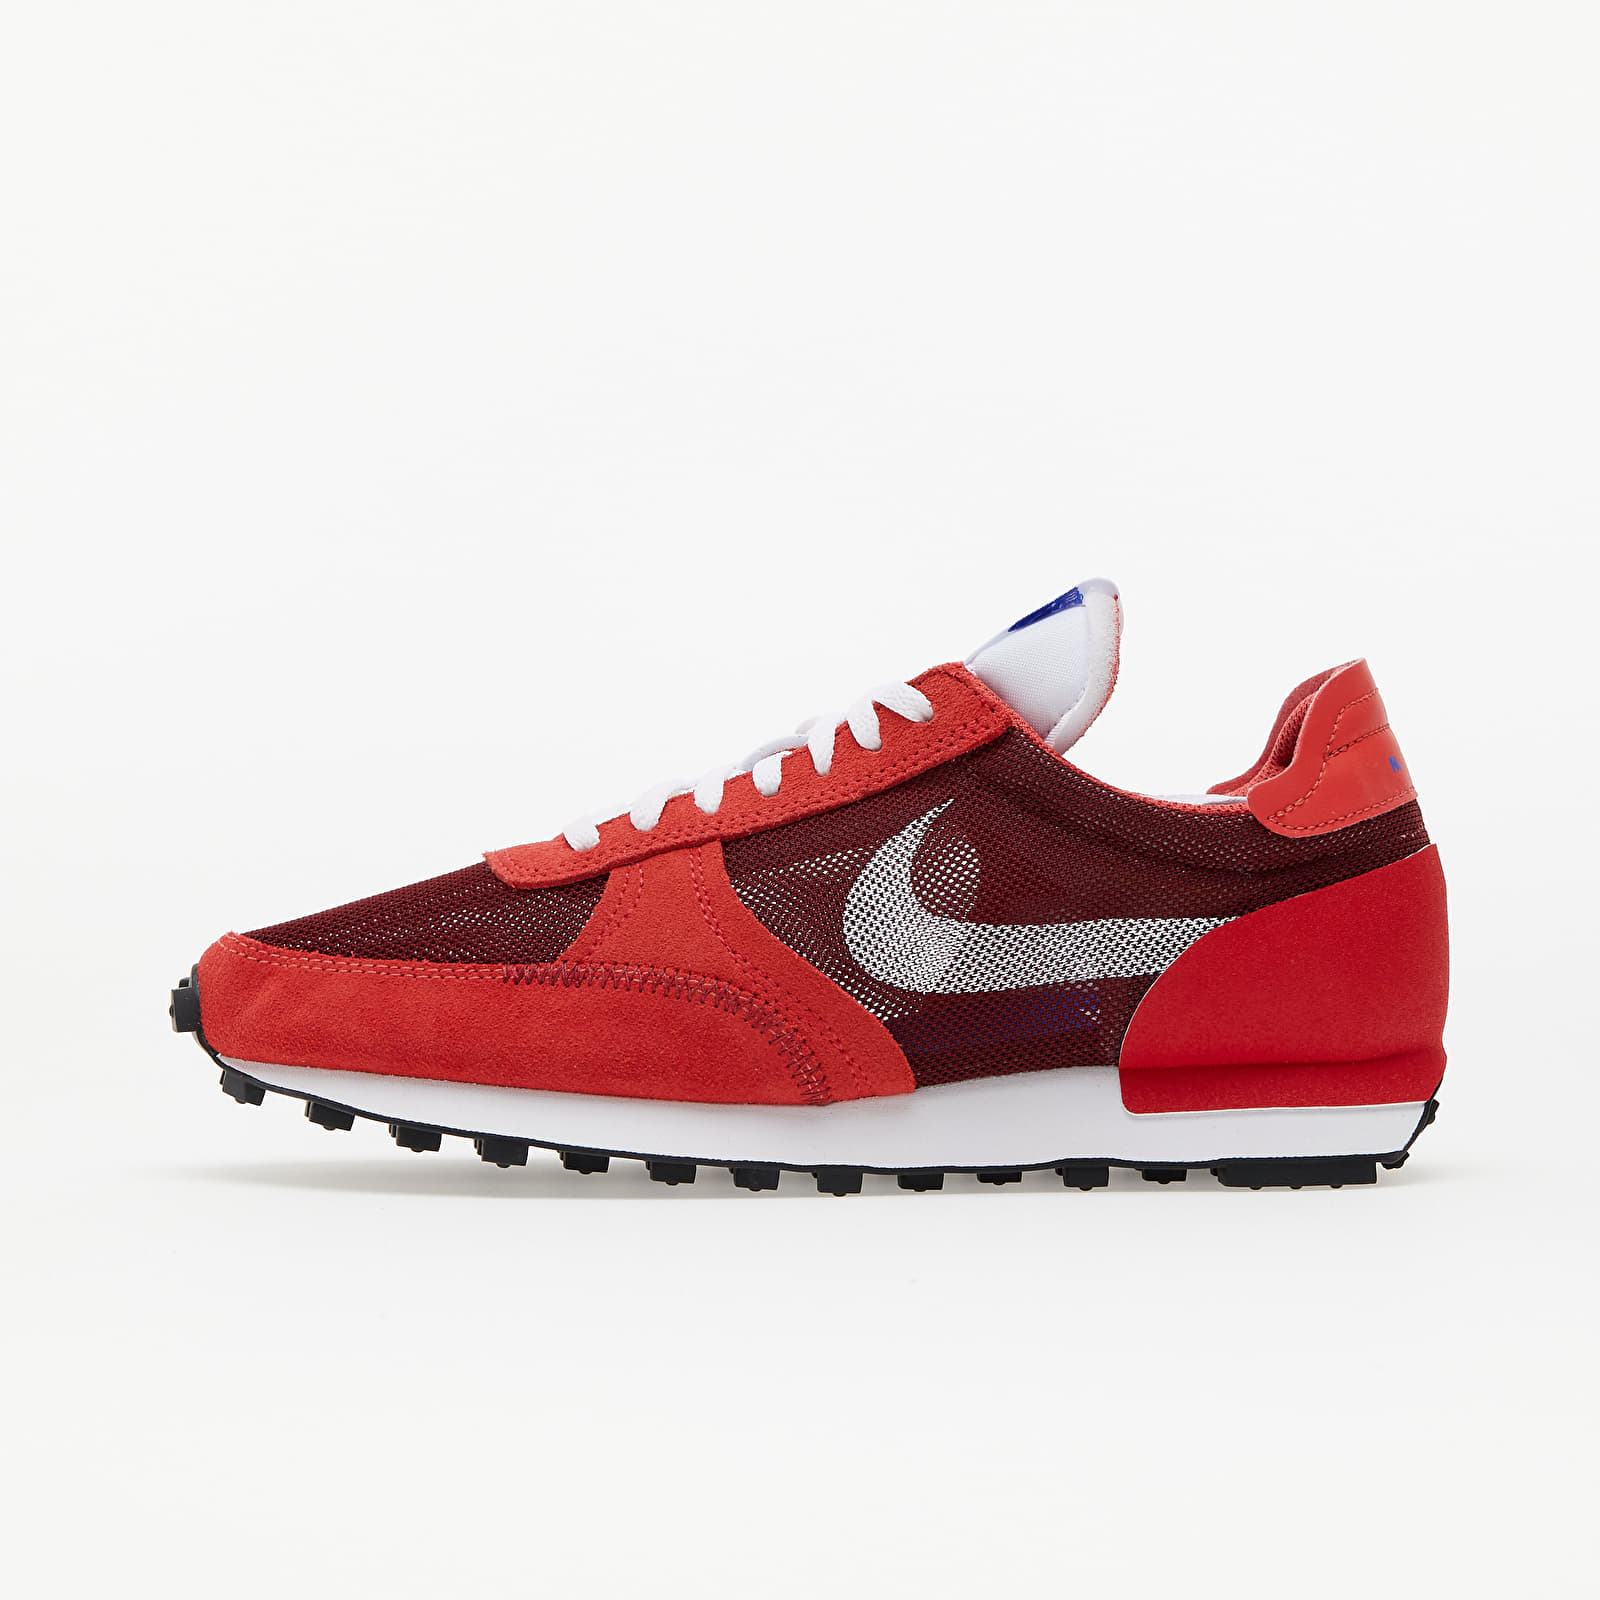 Nike Daybreak-Type Team Red/ White-University Red-Lobster EUR 42.5